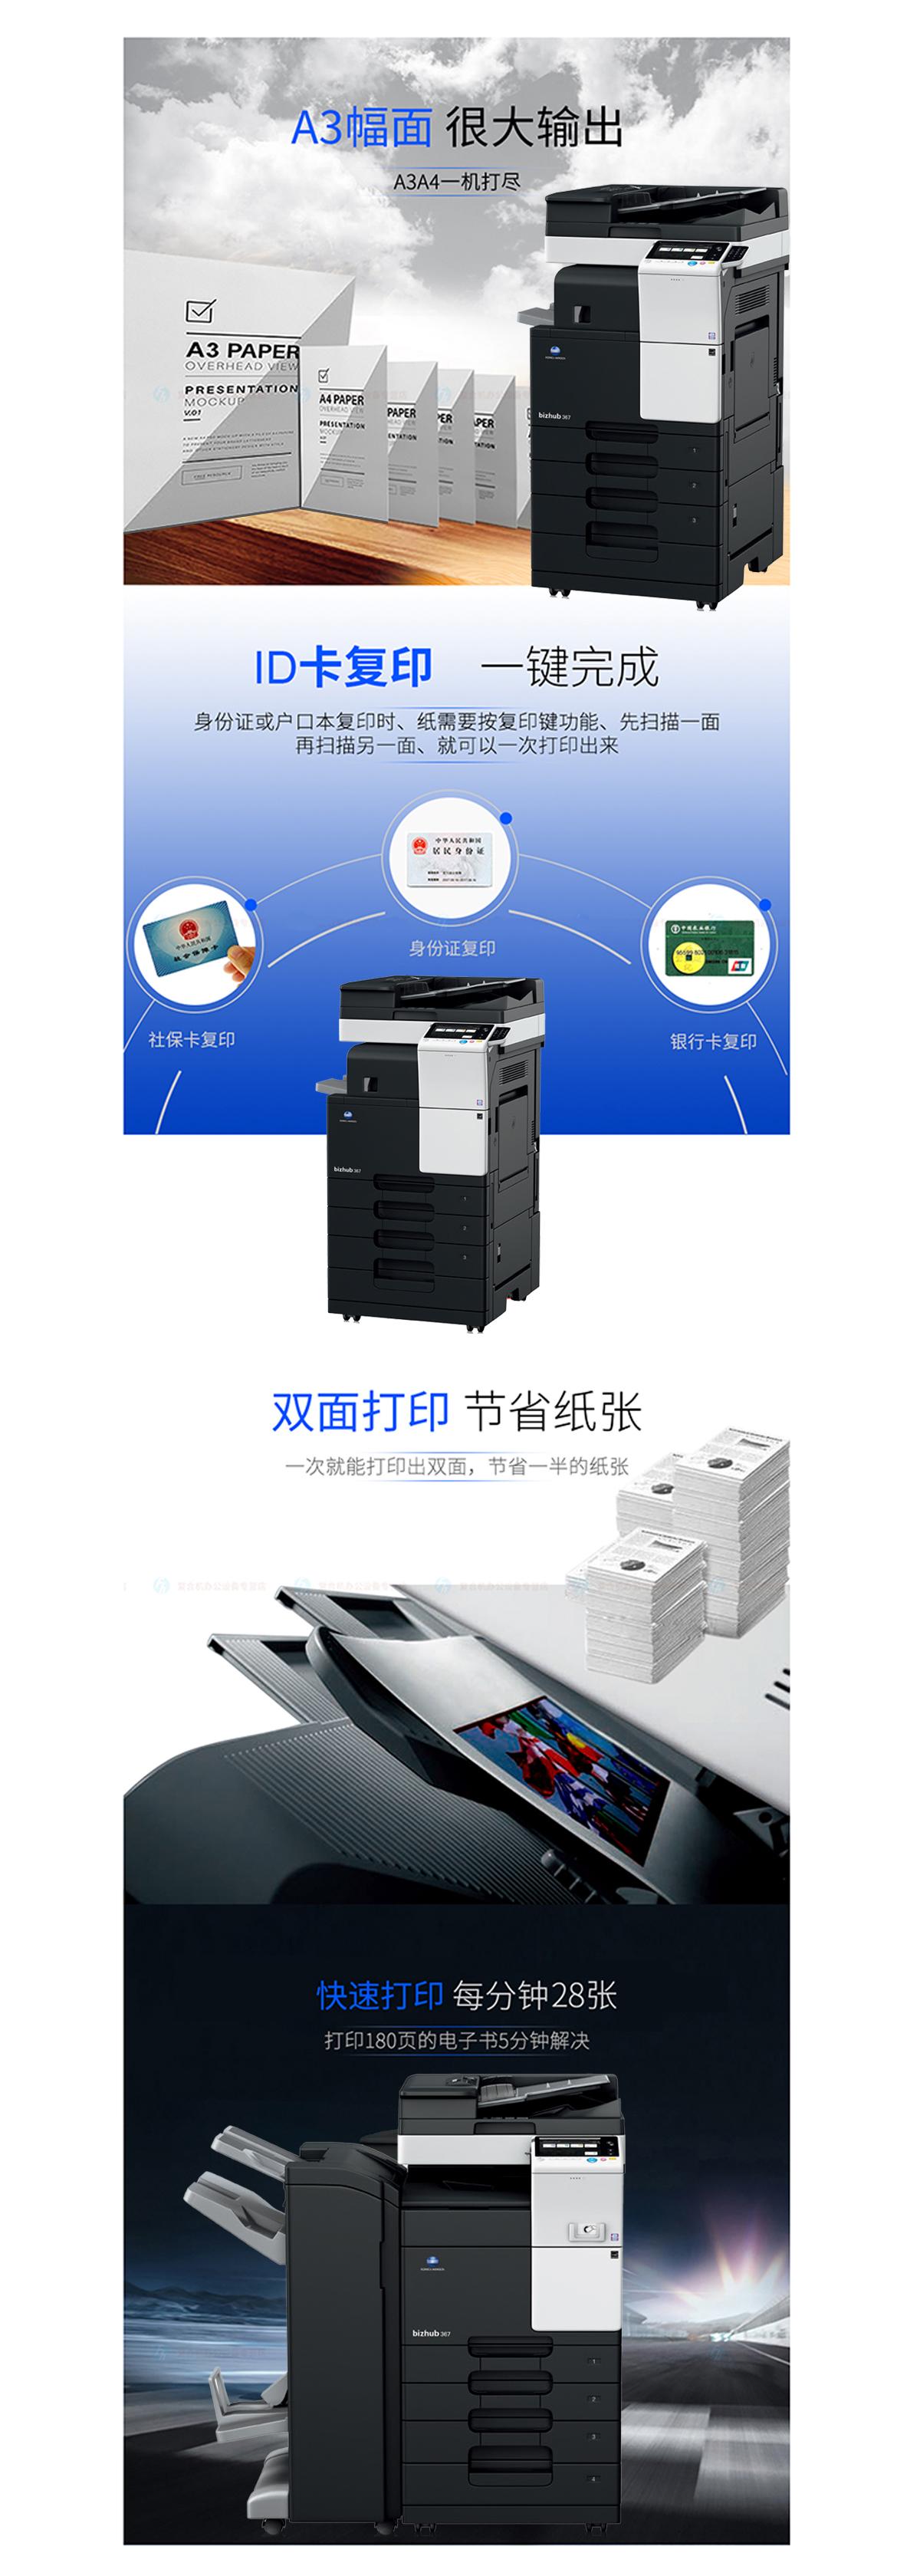 (全新机)B287 柯尼卡美能达复合机A3A4黑白激光网络打印扫描一体机(打印/复印/网络扫描)(图2)